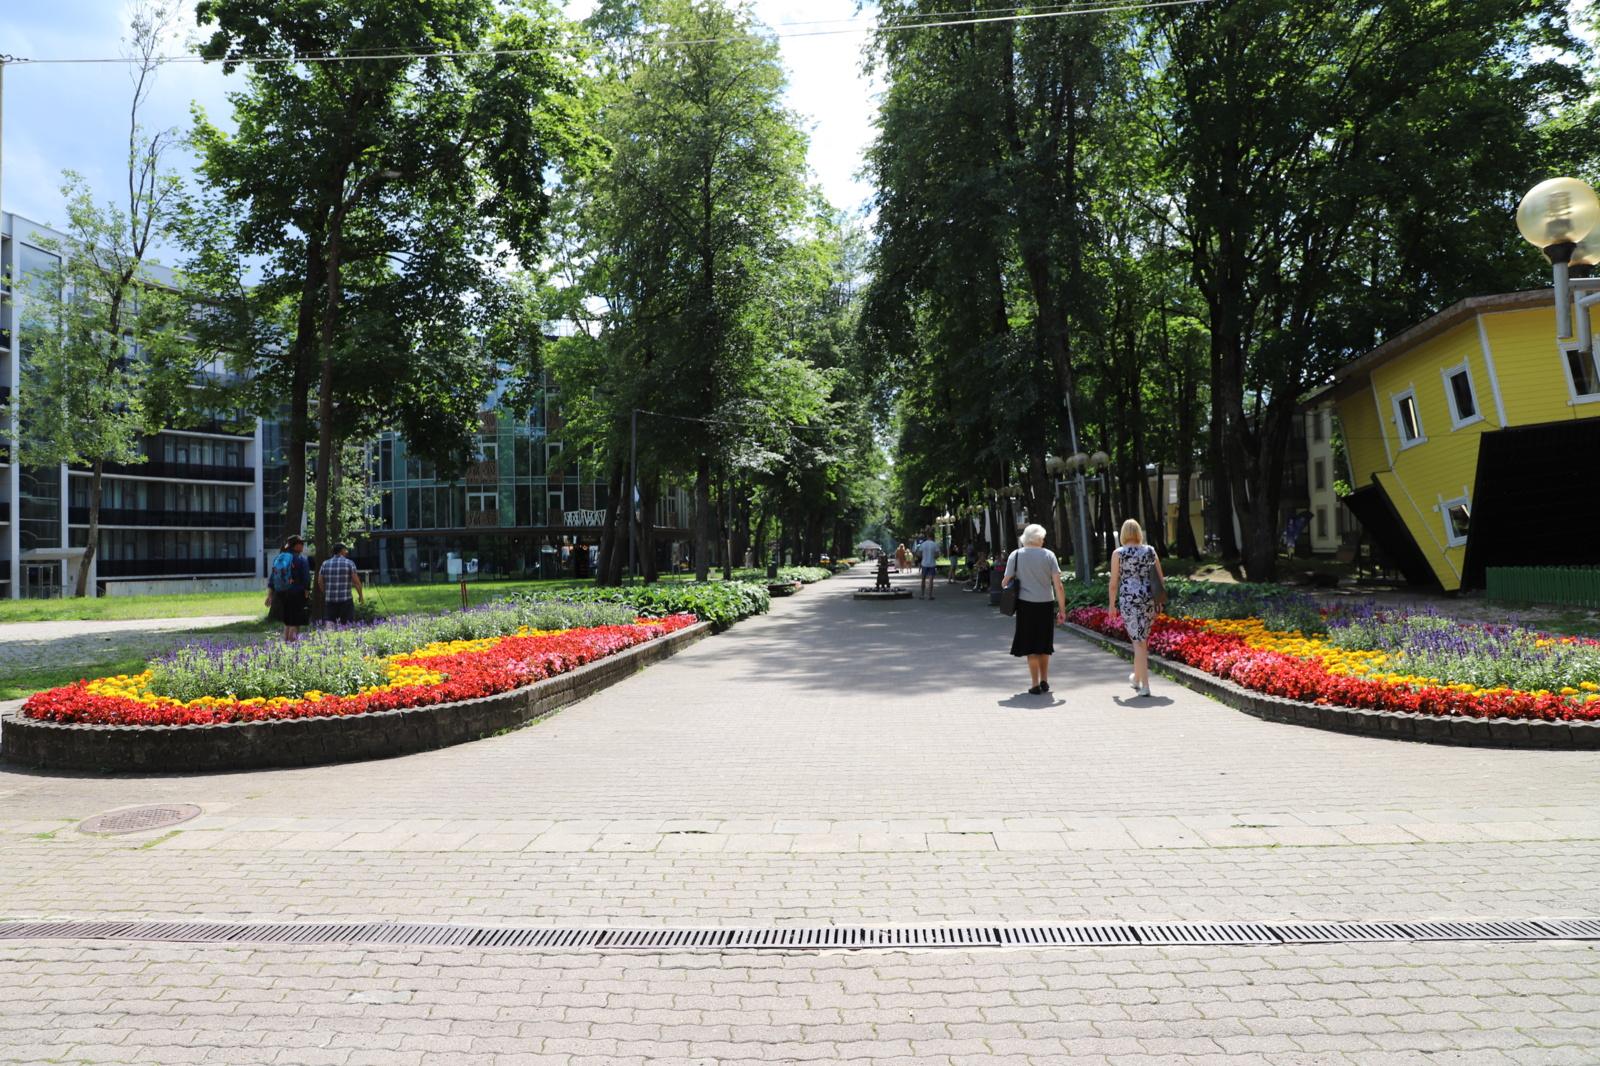 Vilniaus alėja bus atnaujinta iš pagrindų: pradedami projektavimo darbai